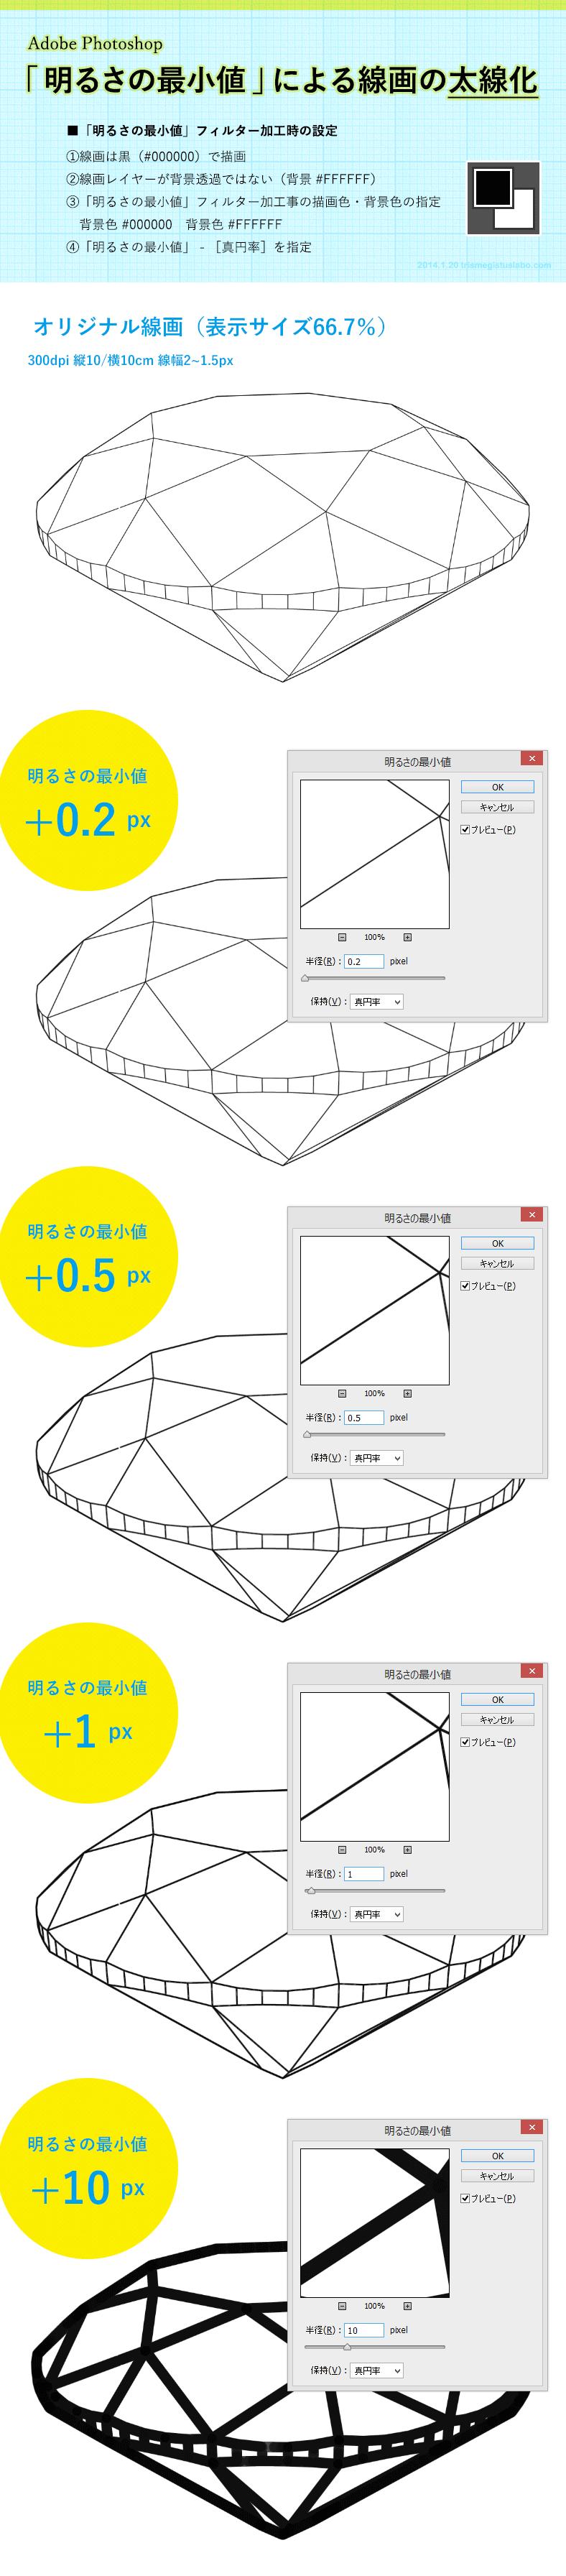 細線化処理例(灯篭)